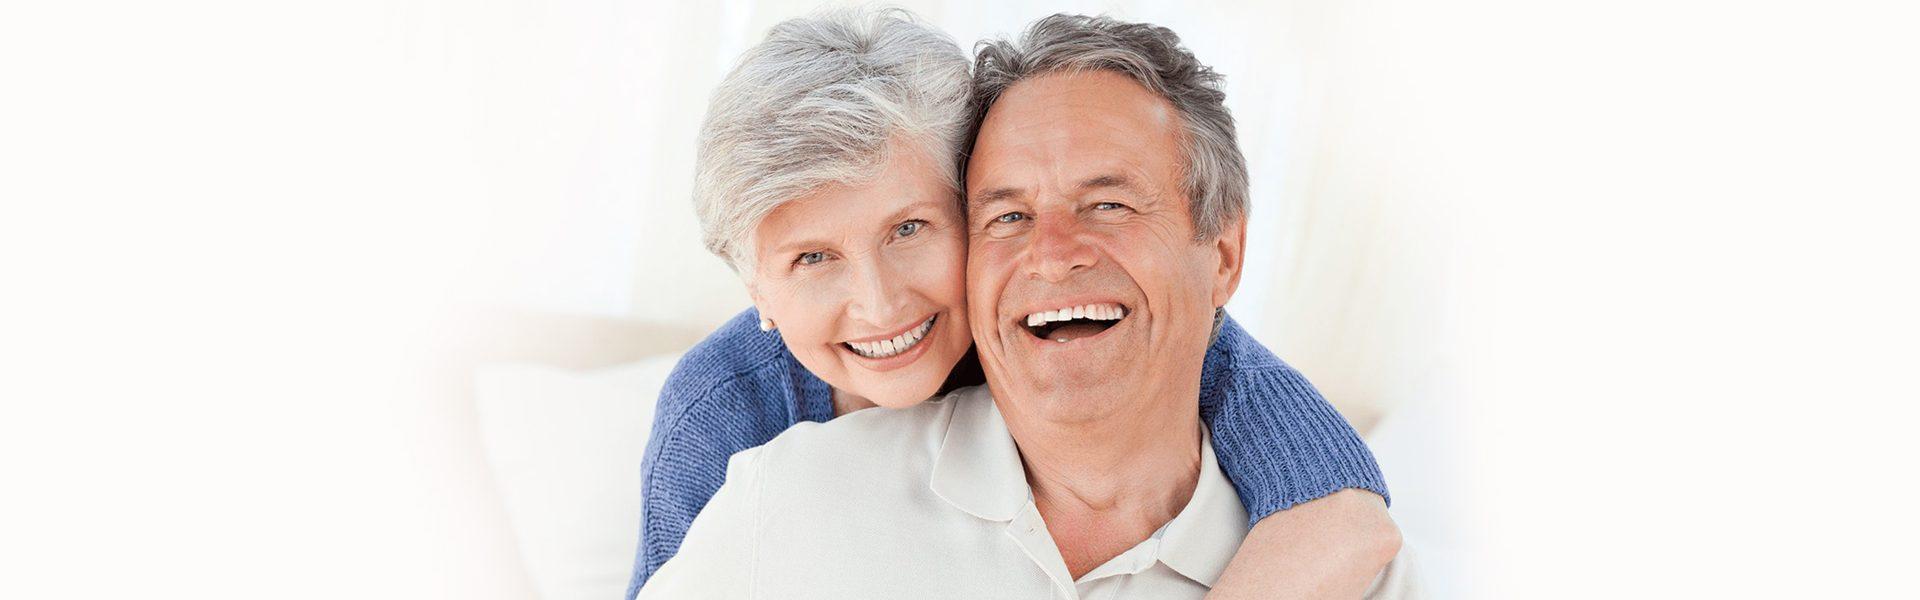 Advantages of Dental Implants in Highland Village